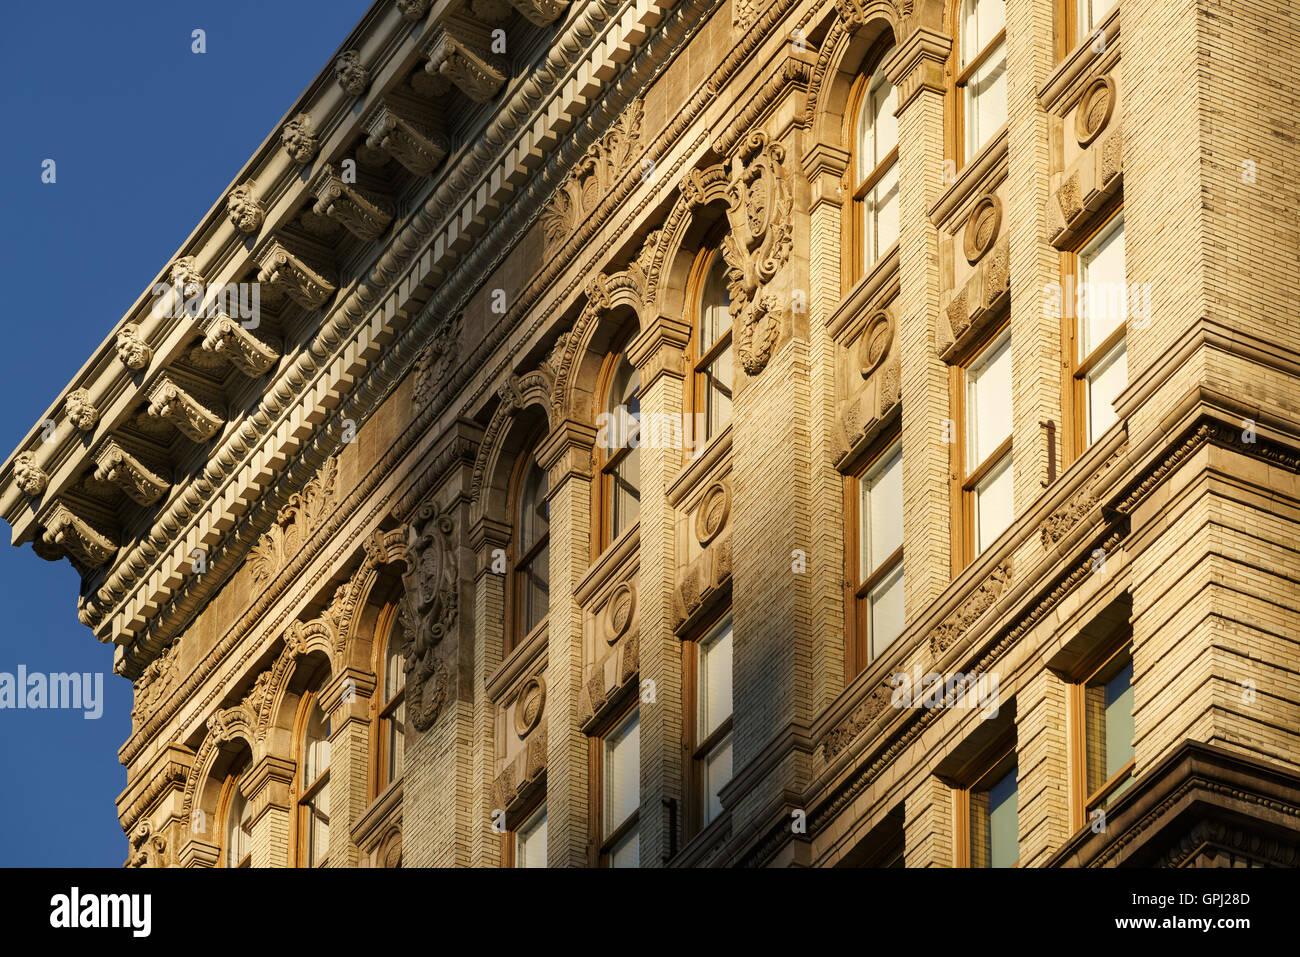 Soho Ziegelbau Fassaden und Gesimse mit Terrakotta architektonische Ornamente. Manhattan, New York City Stockbild